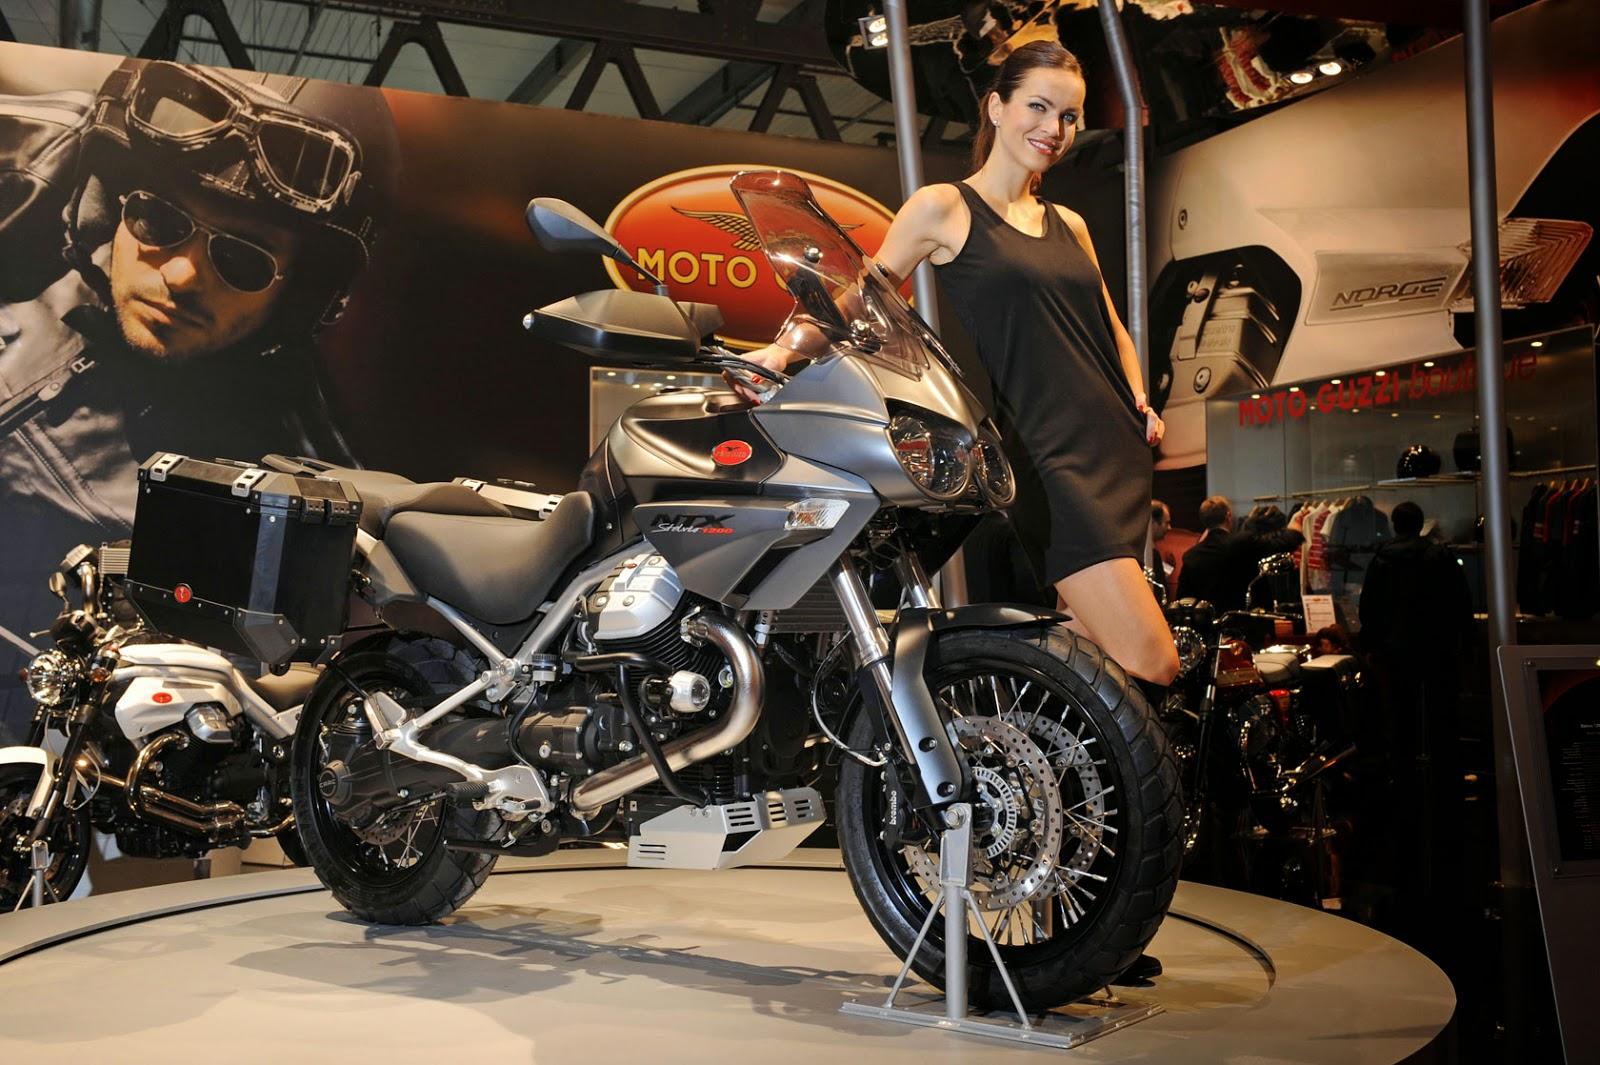 Moto Guzzi Stelvio NXT New Show Room Bikes